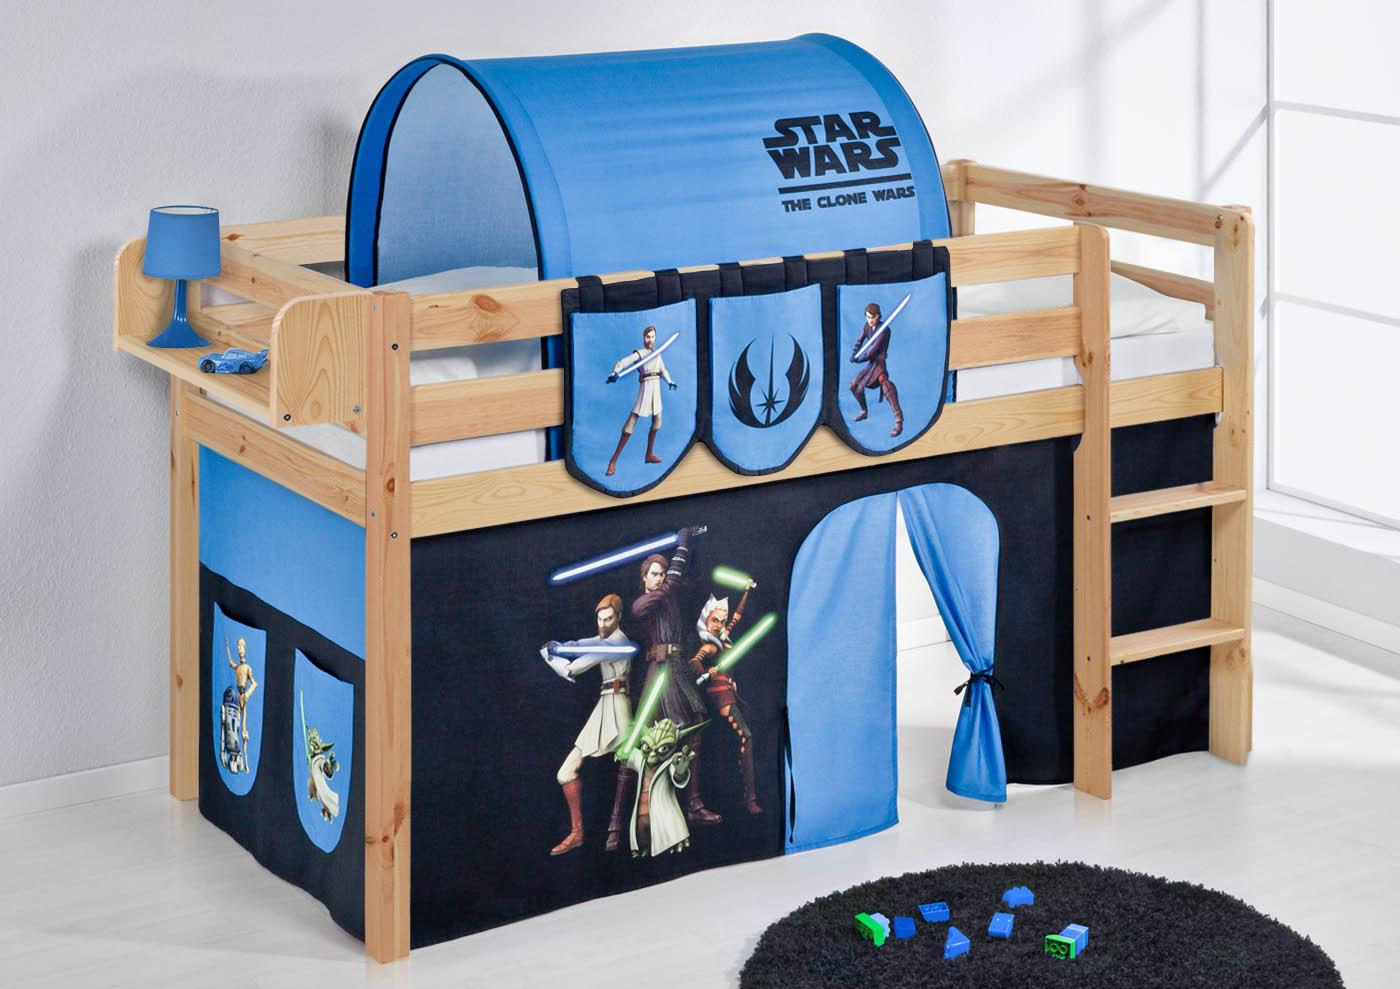 bajkowe mebelki star wars i dora mama. Black Bedroom Furniture Sets. Home Design Ideas